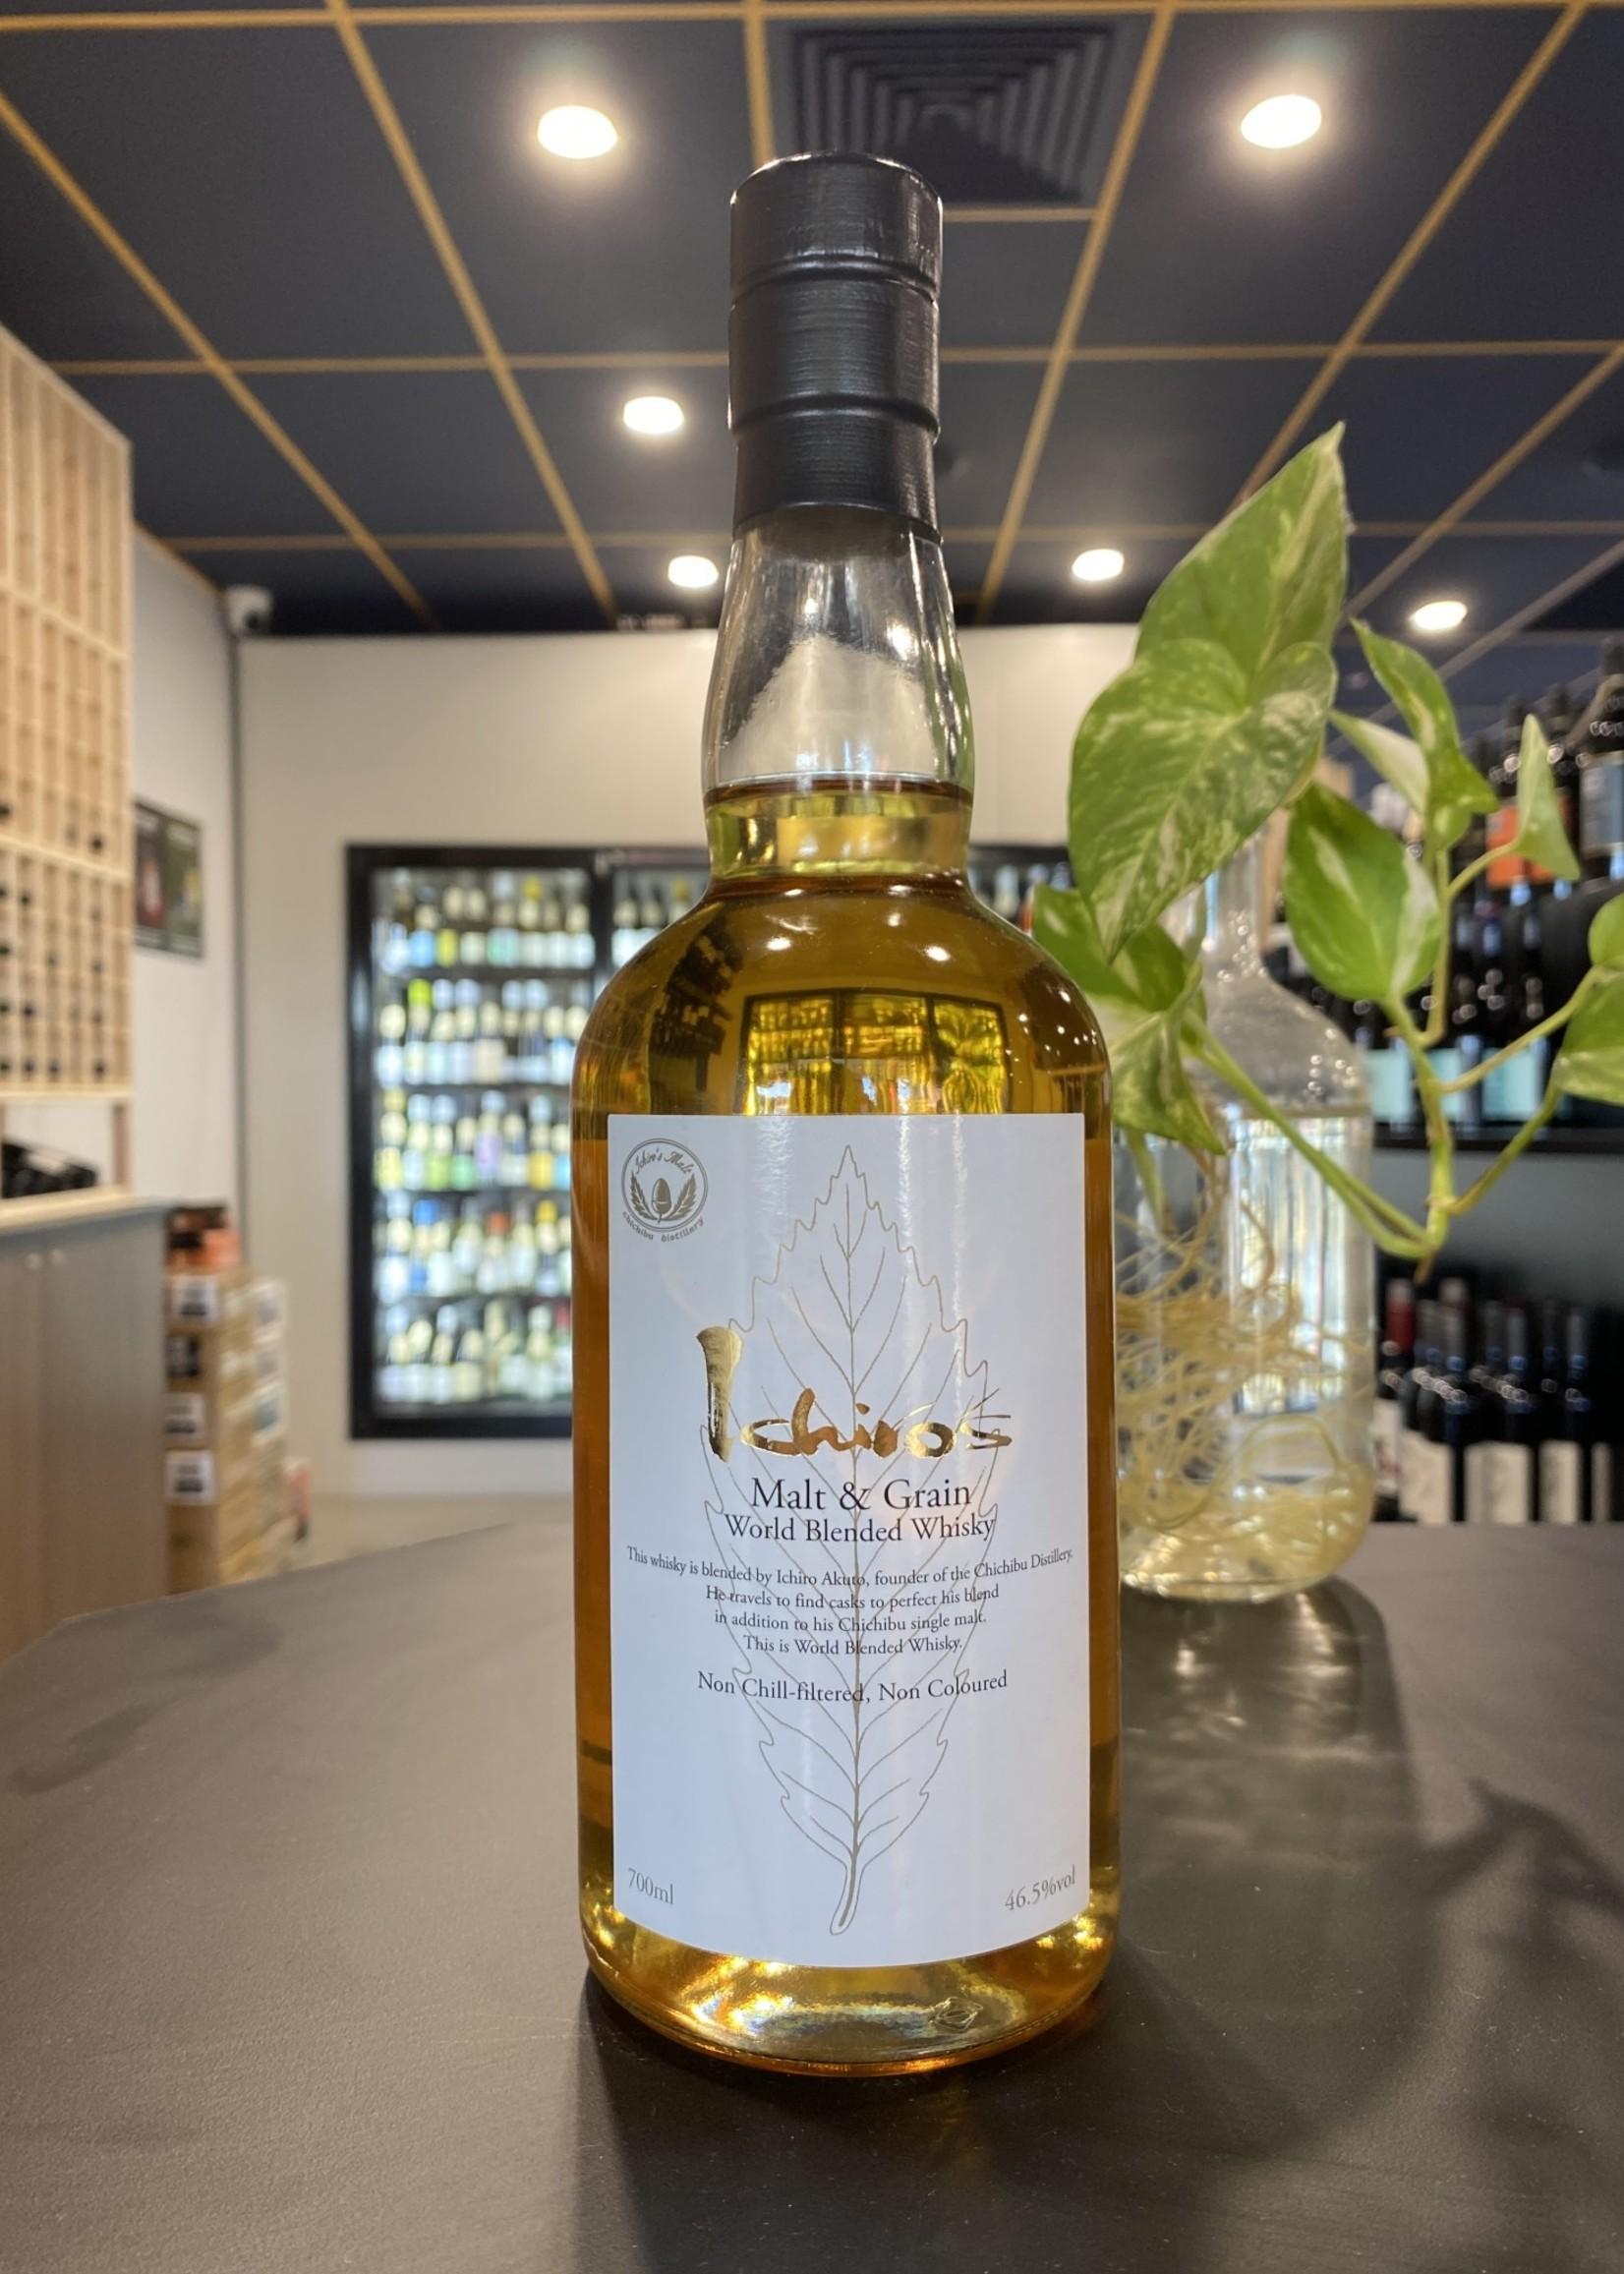 Chichibu Ichiro Chichibu Ichiro's Malt & Grain Blended Whisky